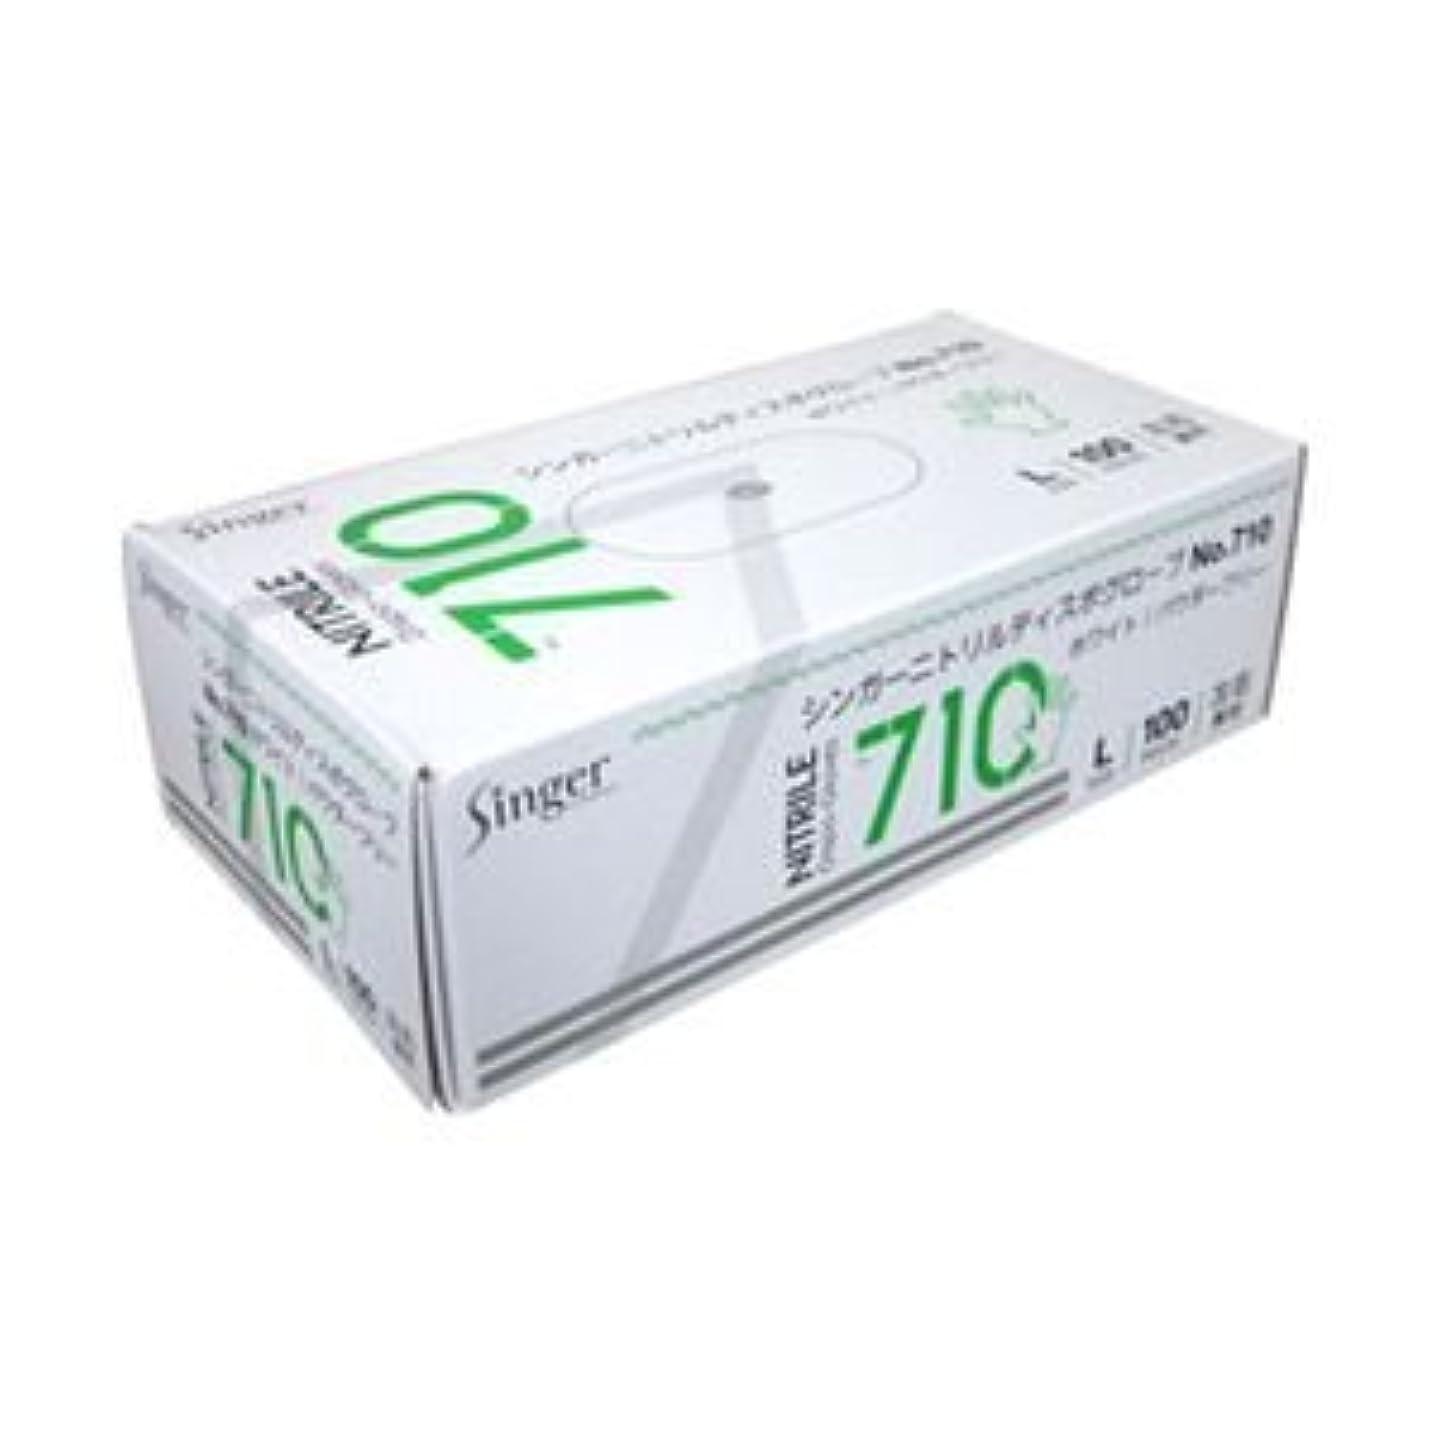 良いケーキ信仰(業務用セット) ニトリル手袋 粉なし ホワイト L 1箱(100枚) 【×5セット】 dS-1642153